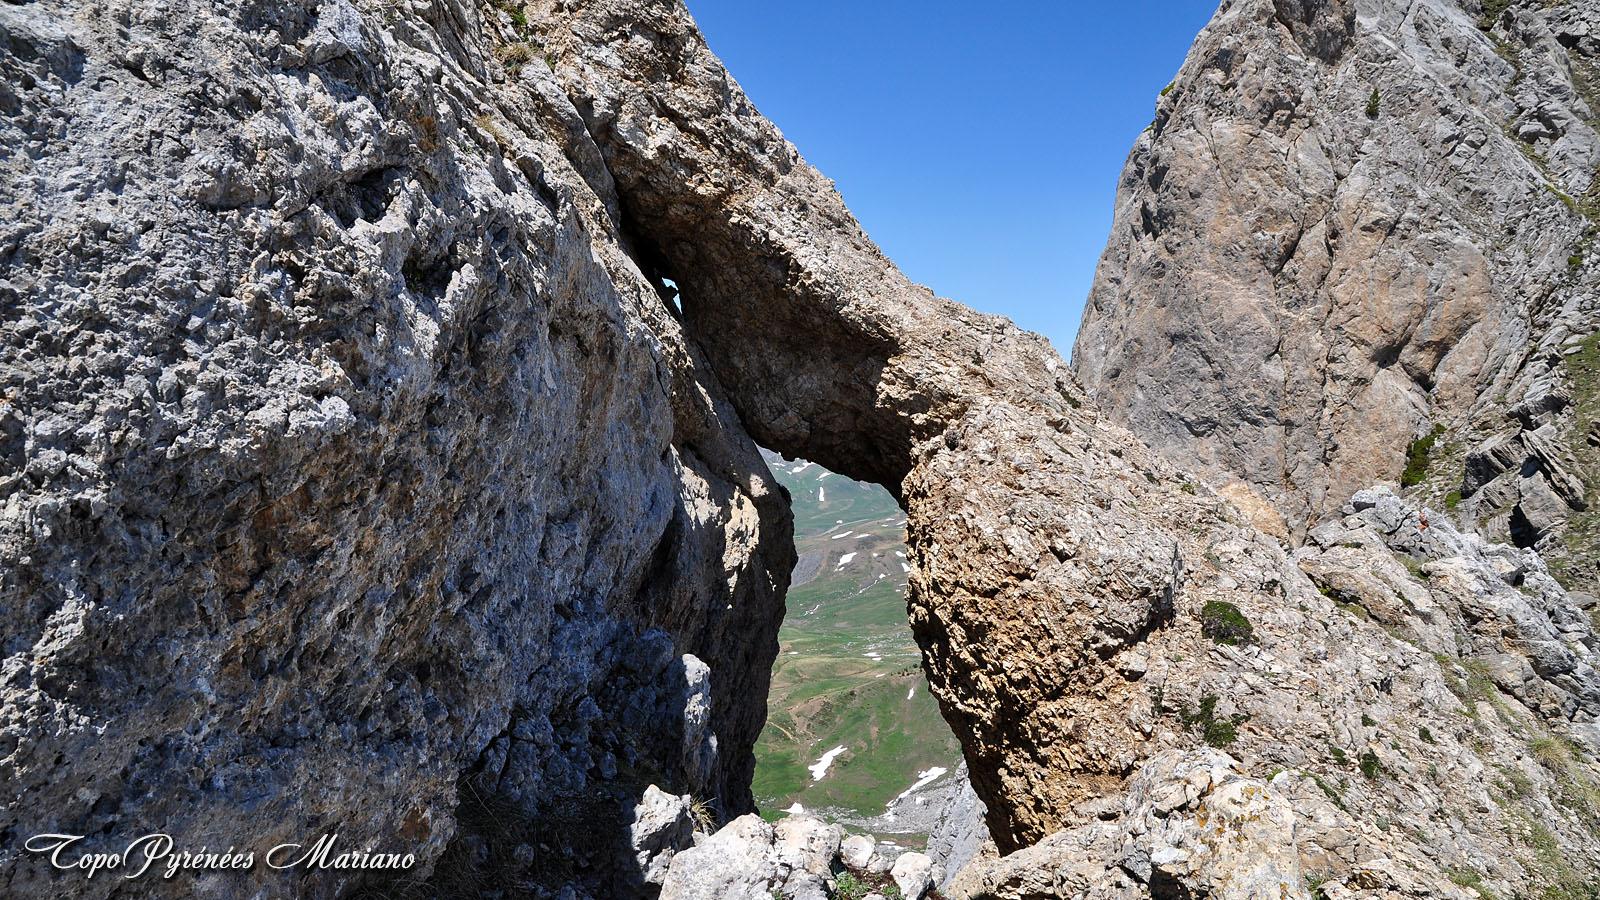 Randonnée Brèche de la Foratata (2220m)